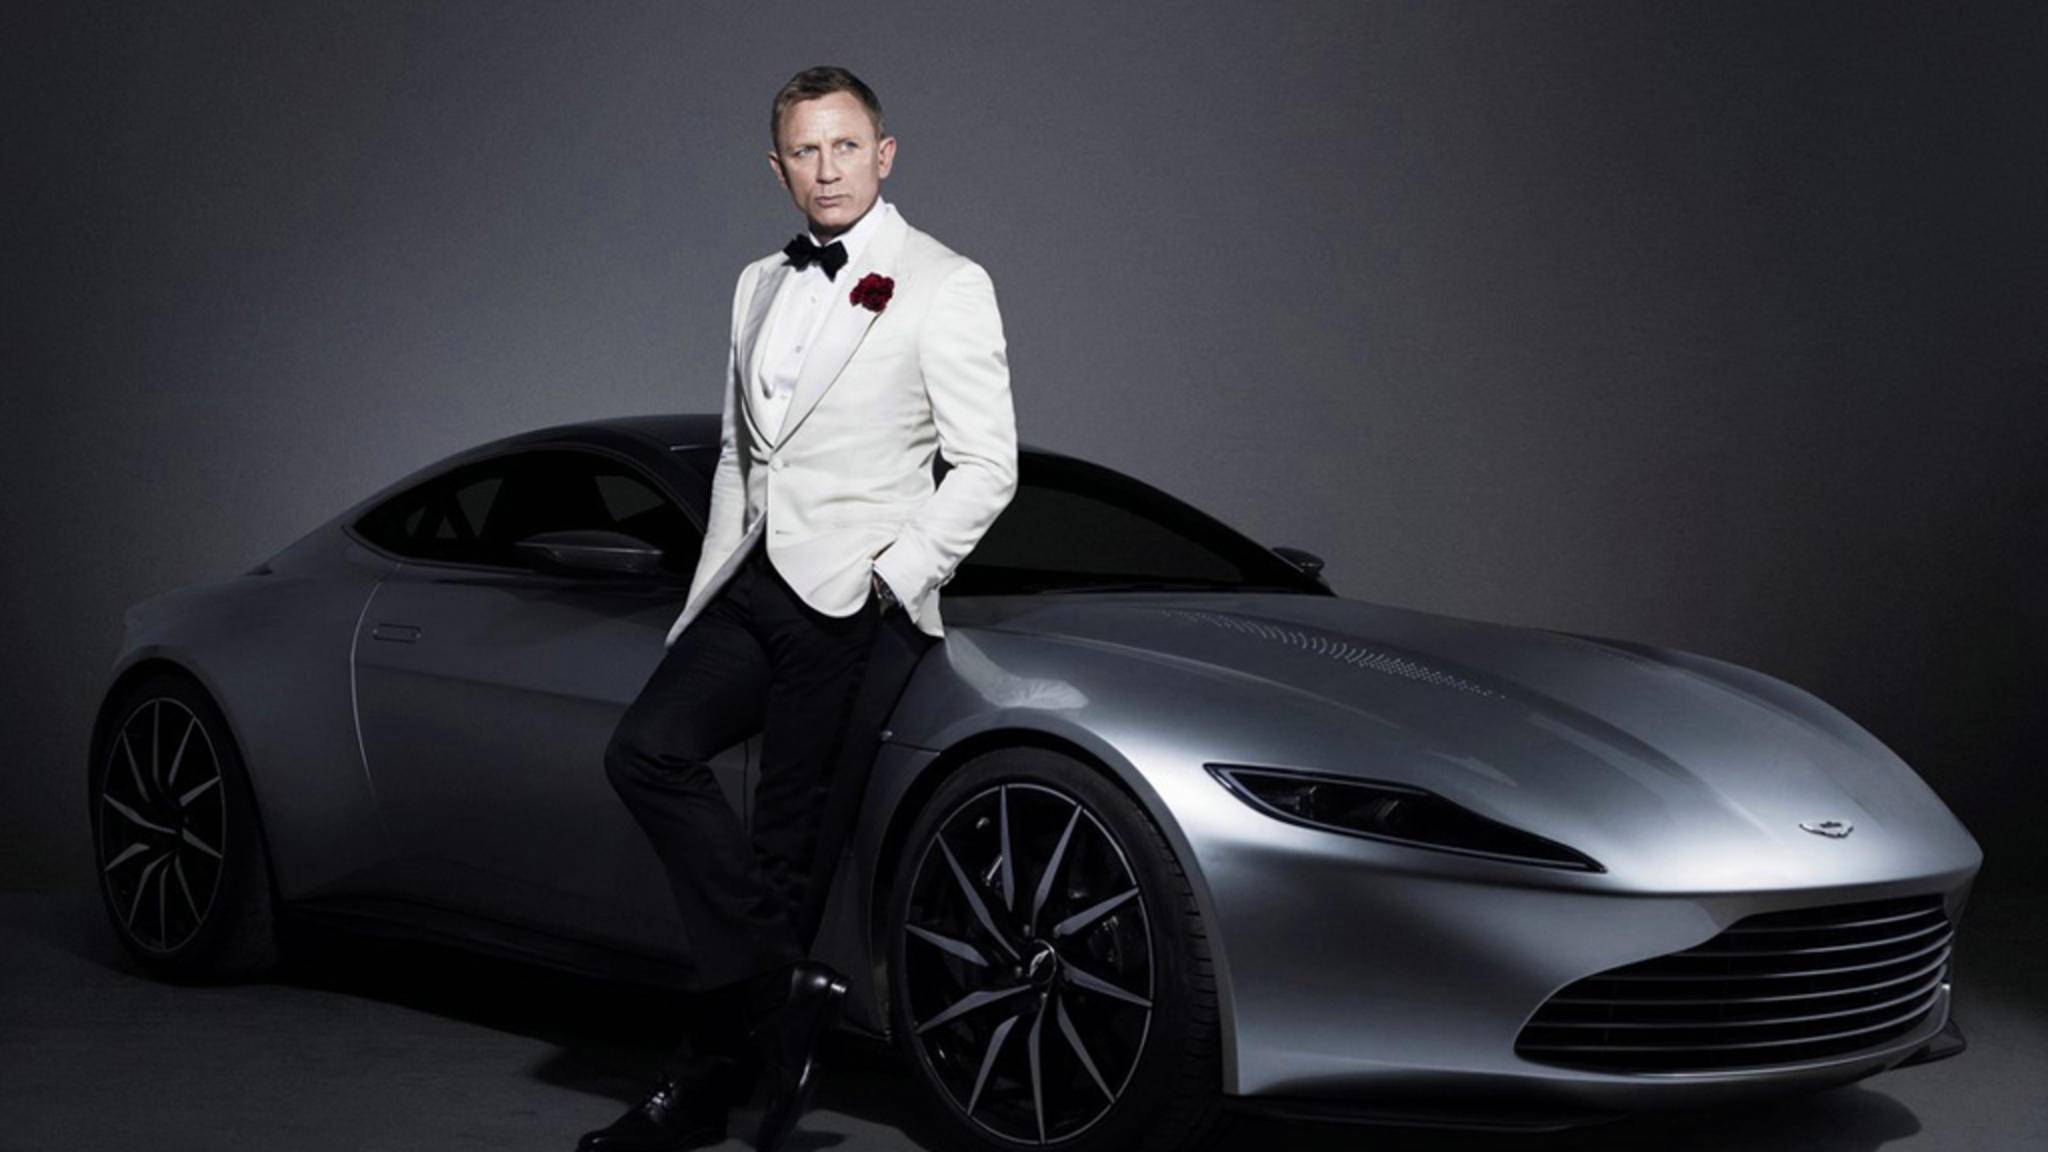 James Bond prägte über Jahrzehnte das Bild der Agentenfilme und bis heute ist der Spion nicht bereit, seine Lizenz zum Töten abzugeben.